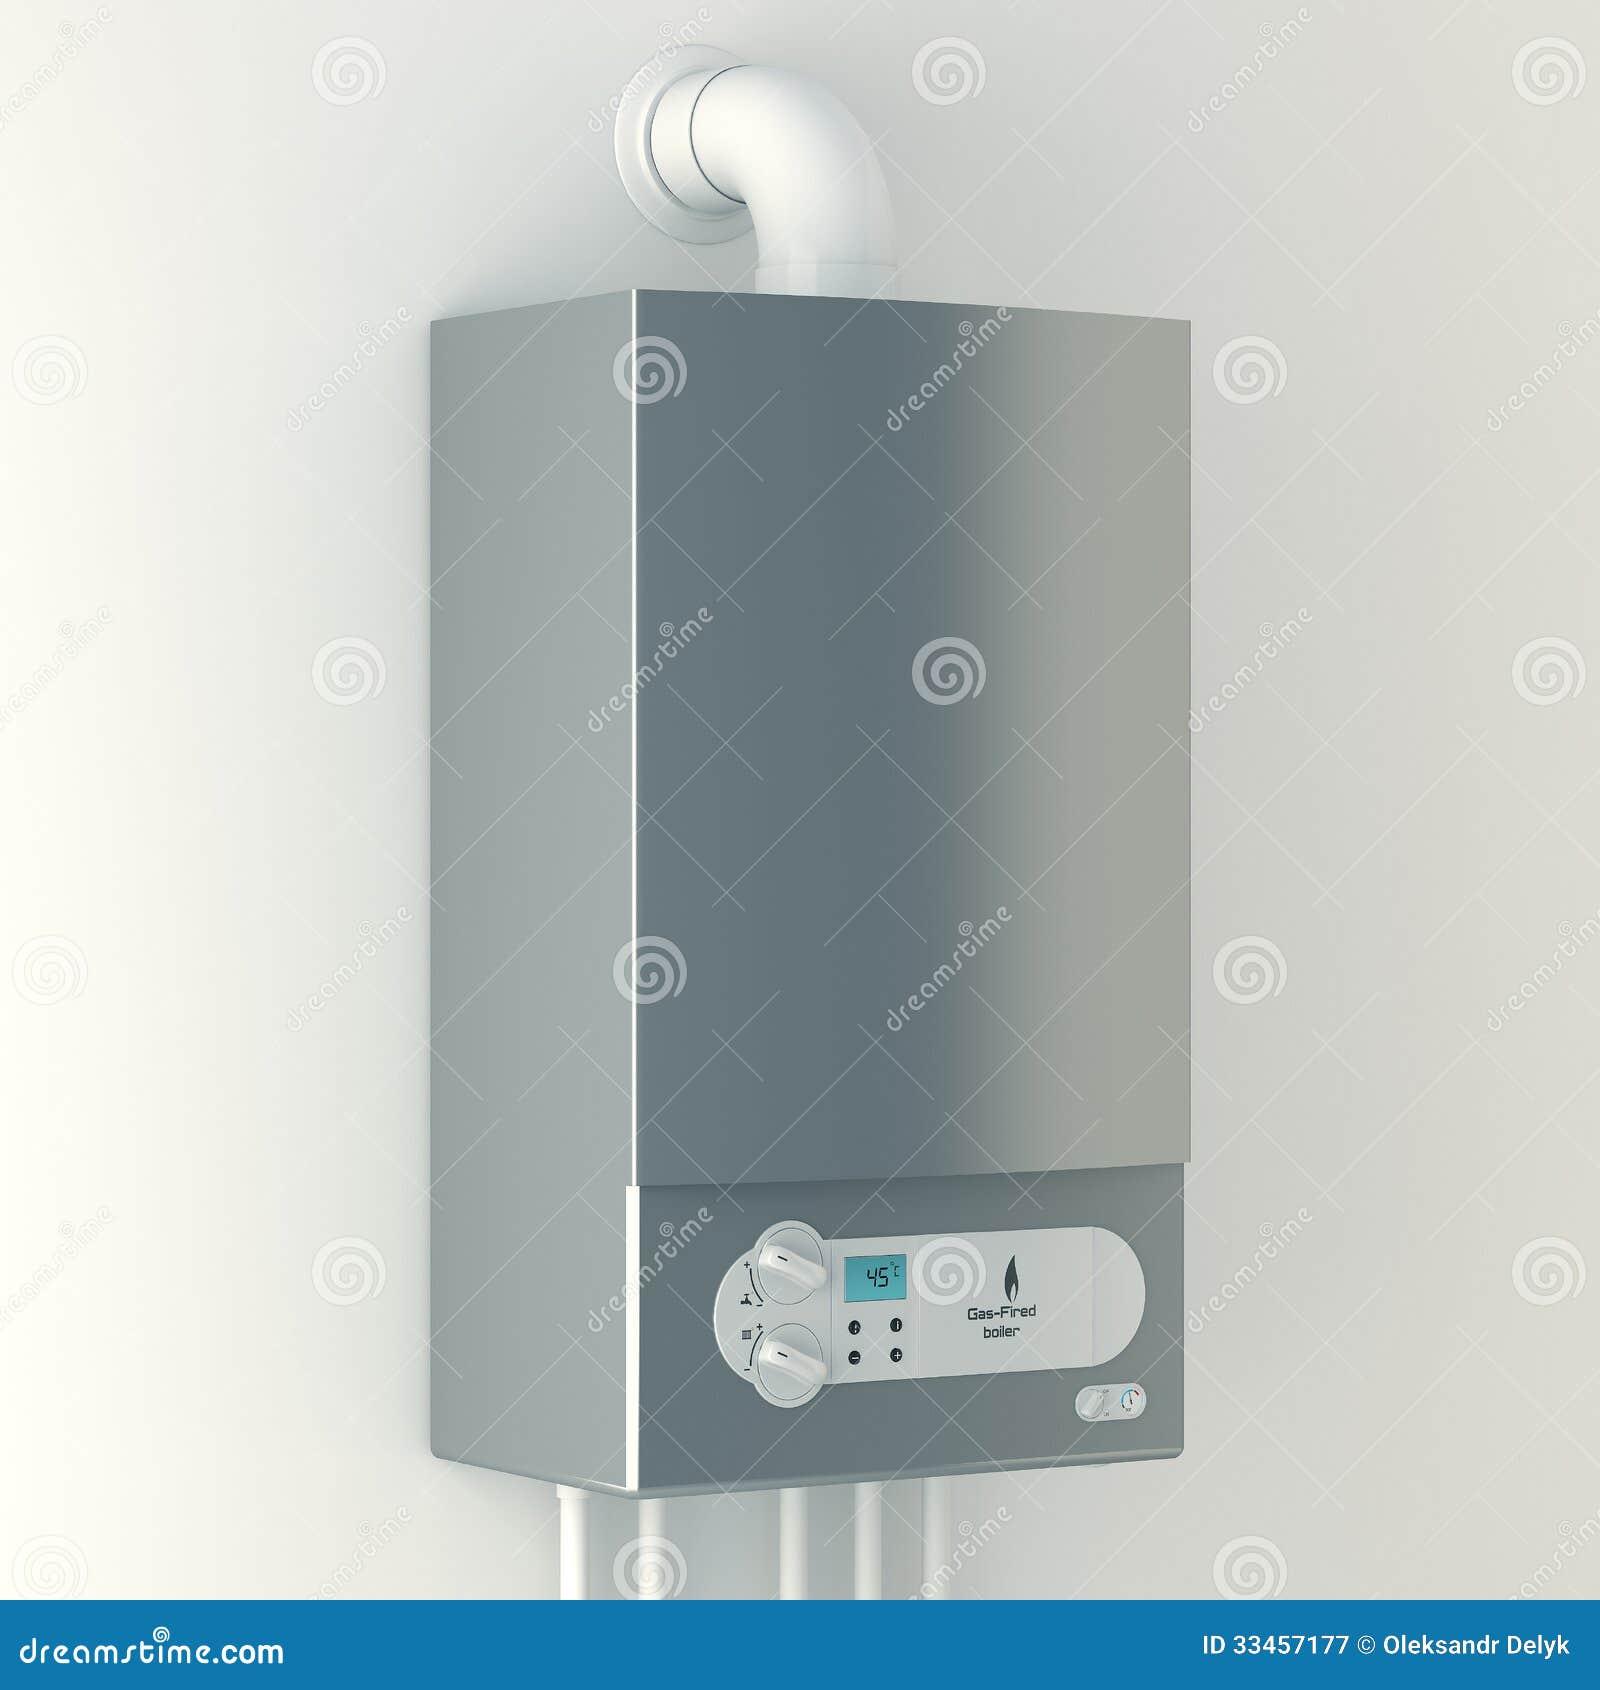 Huisboiler met gas. De installatie van gasmateriaal.